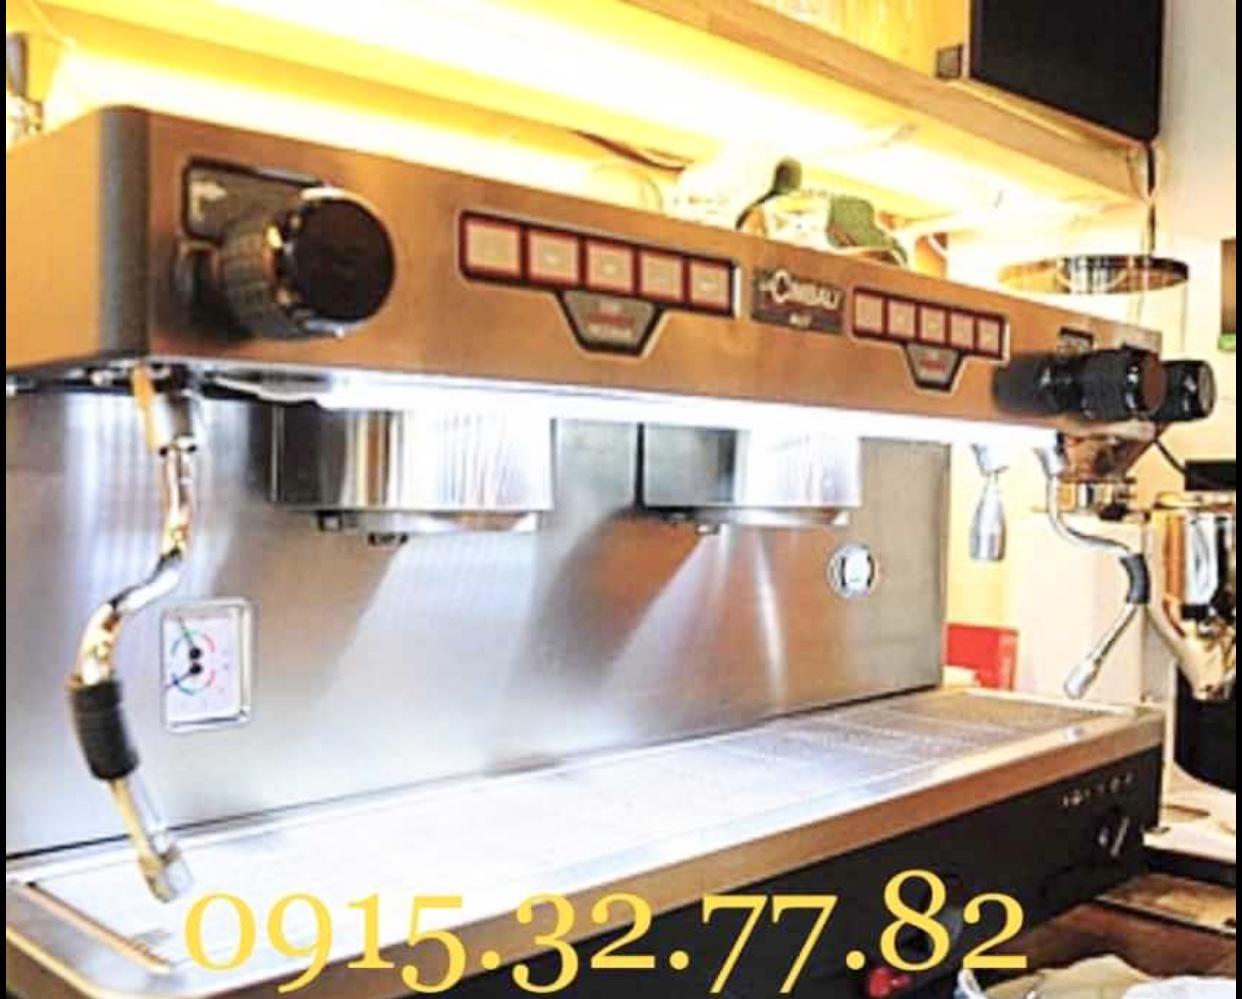 Thanh lý máy pha cà phê chuyên nghiệp giá rẻ tại HCM- LH : 0915.32.77.82